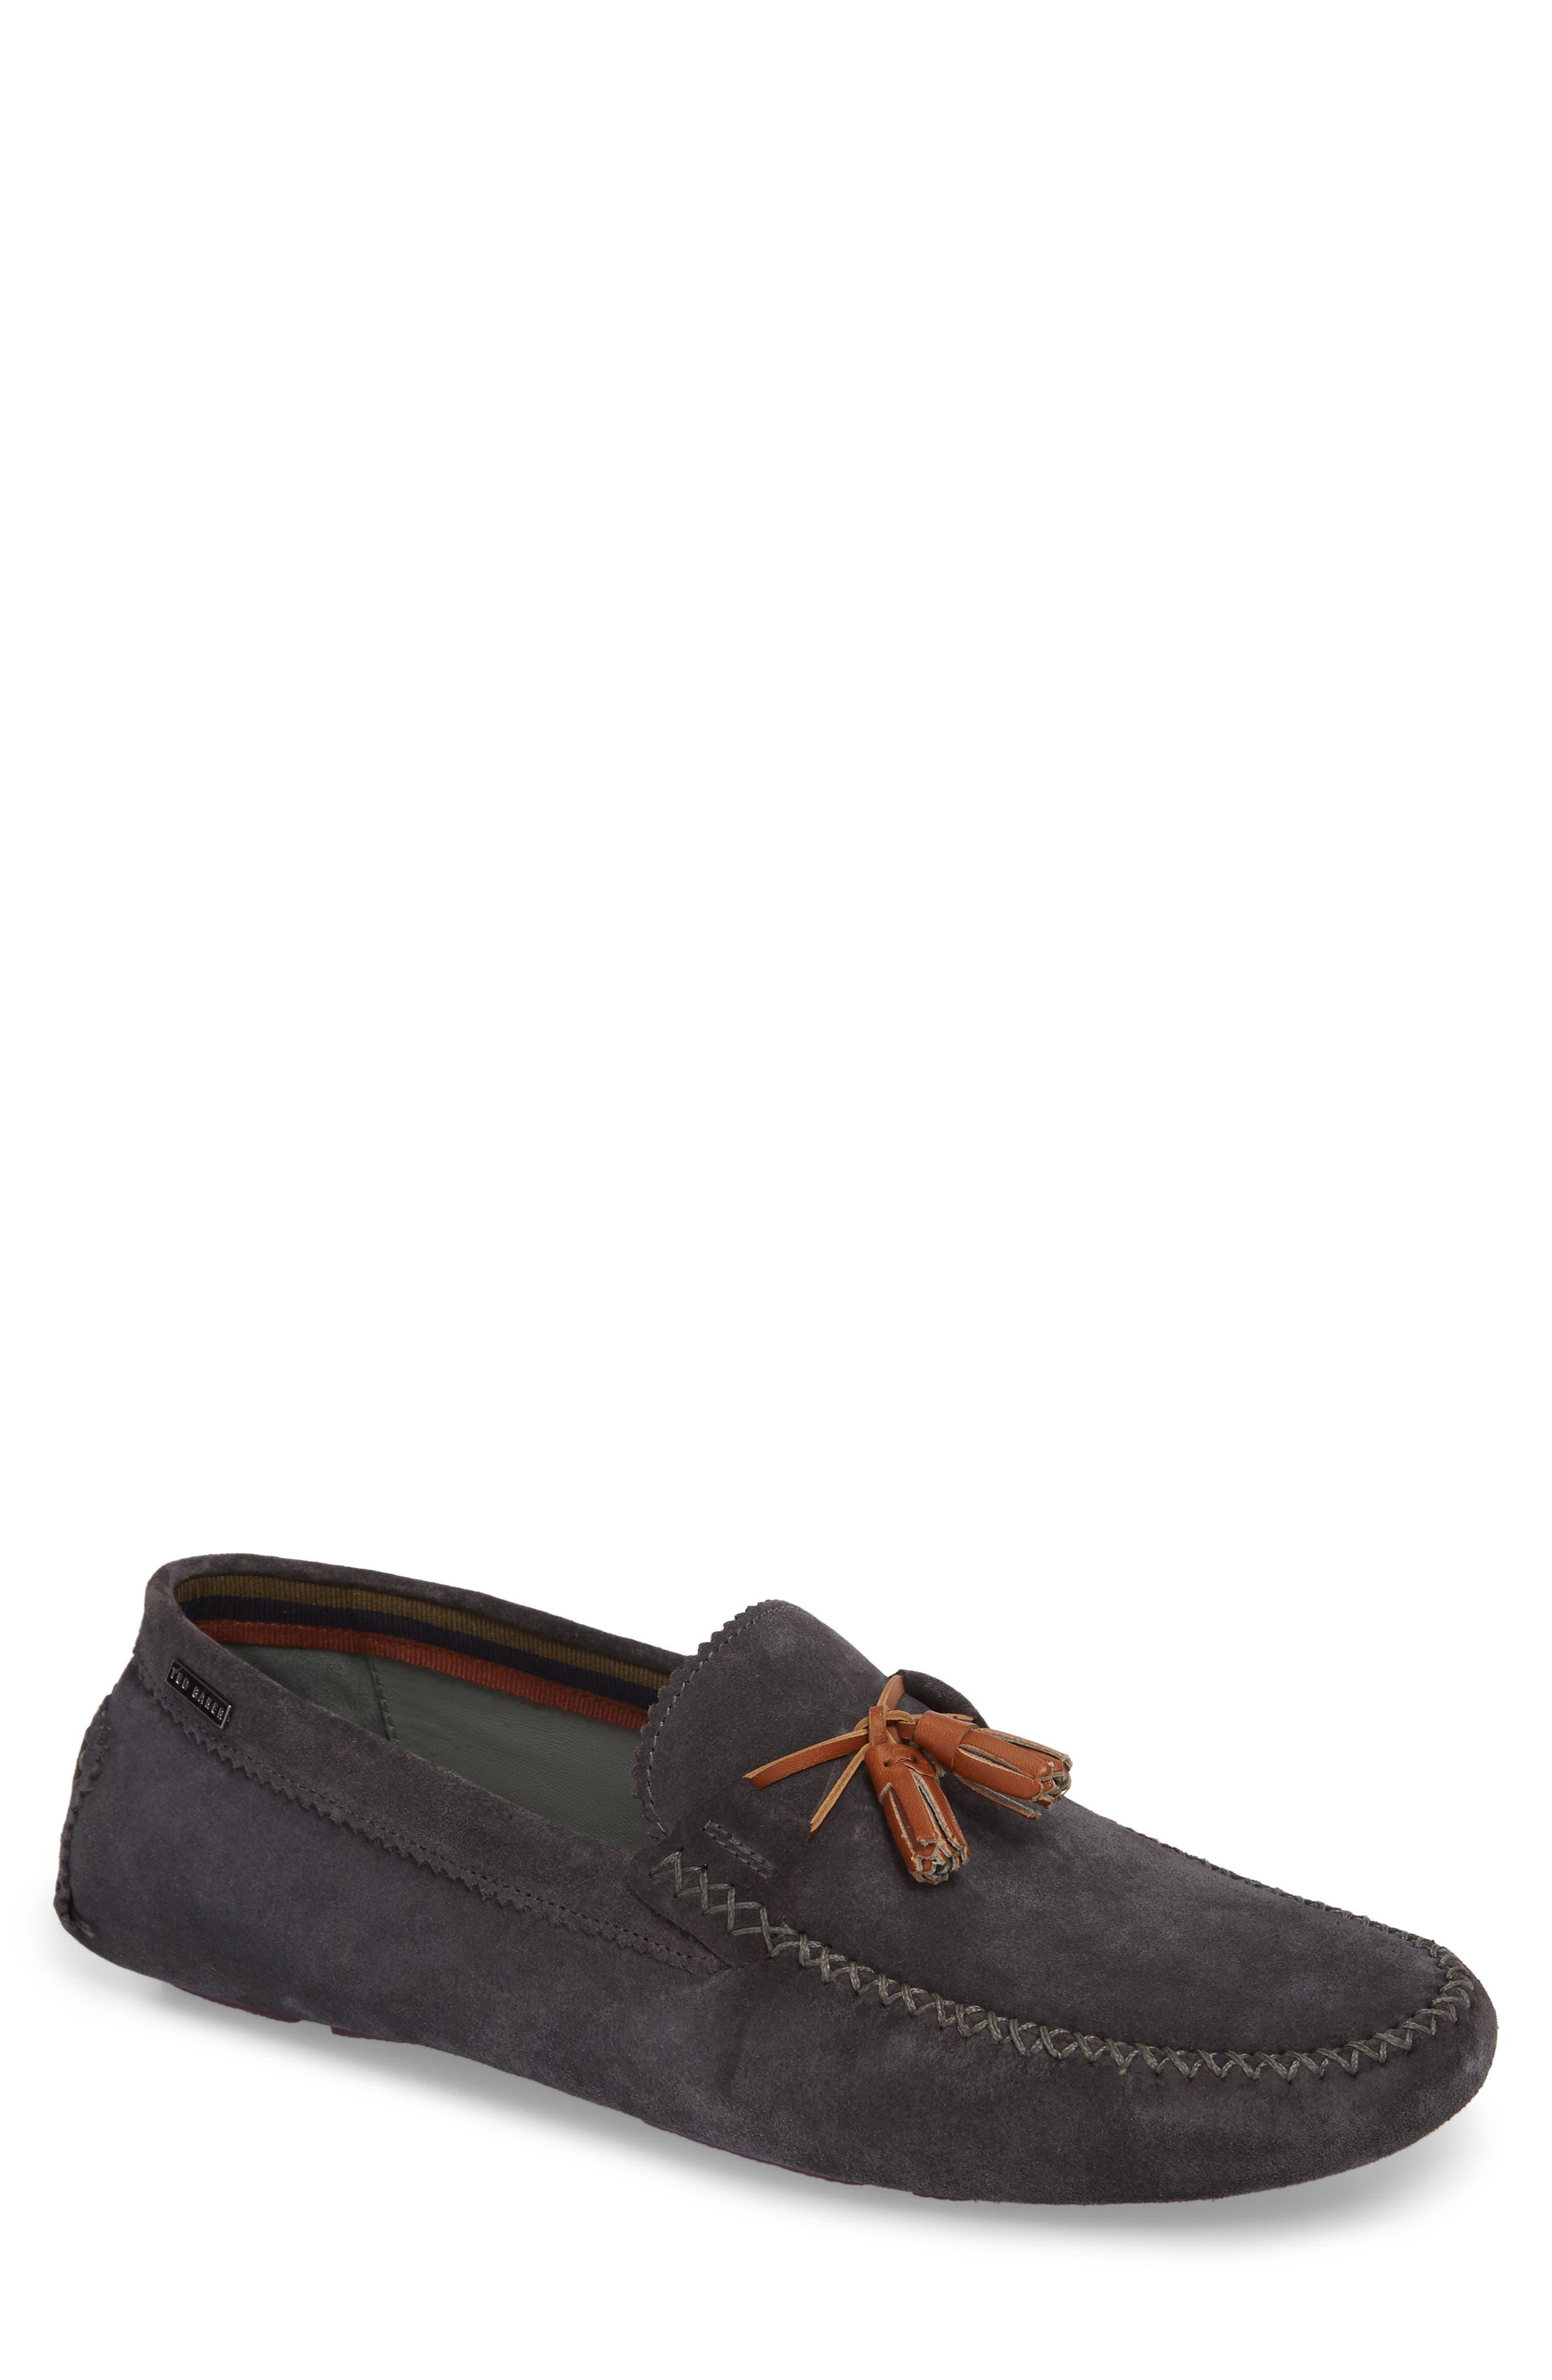 Urbonns Tasseled Driving Loafer,                         Main,                         color, 070